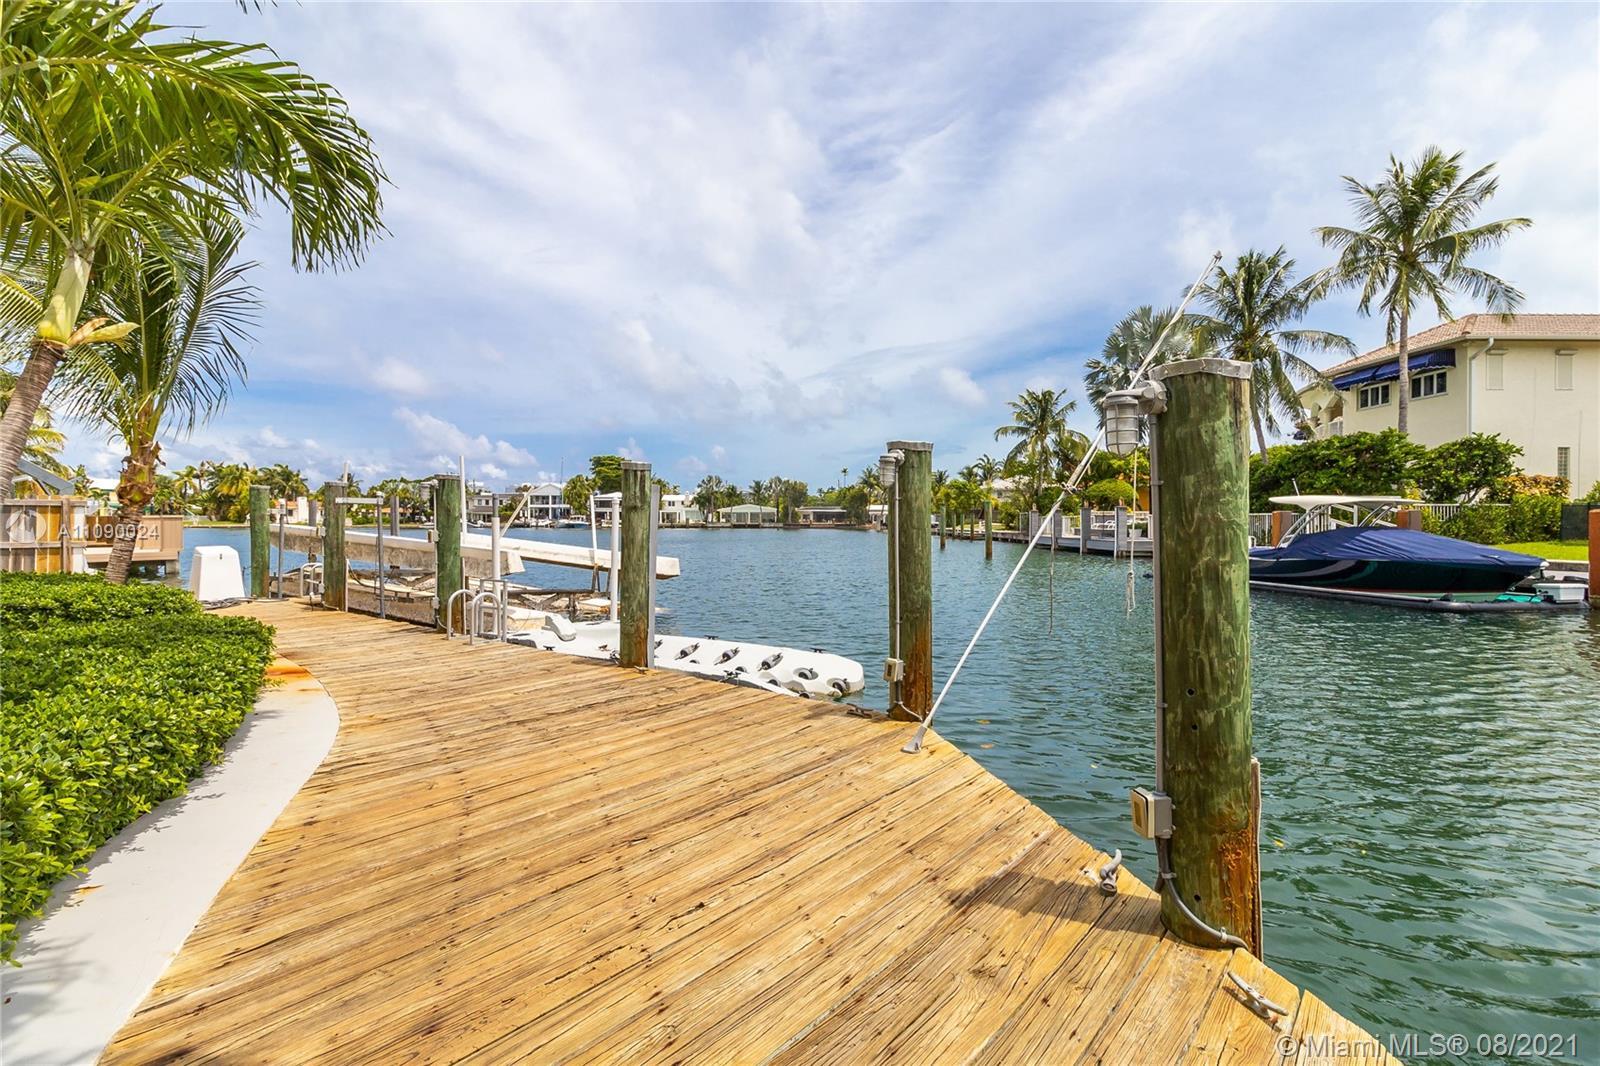 1385 Biscaya Dr, Surfside, Florida 33154